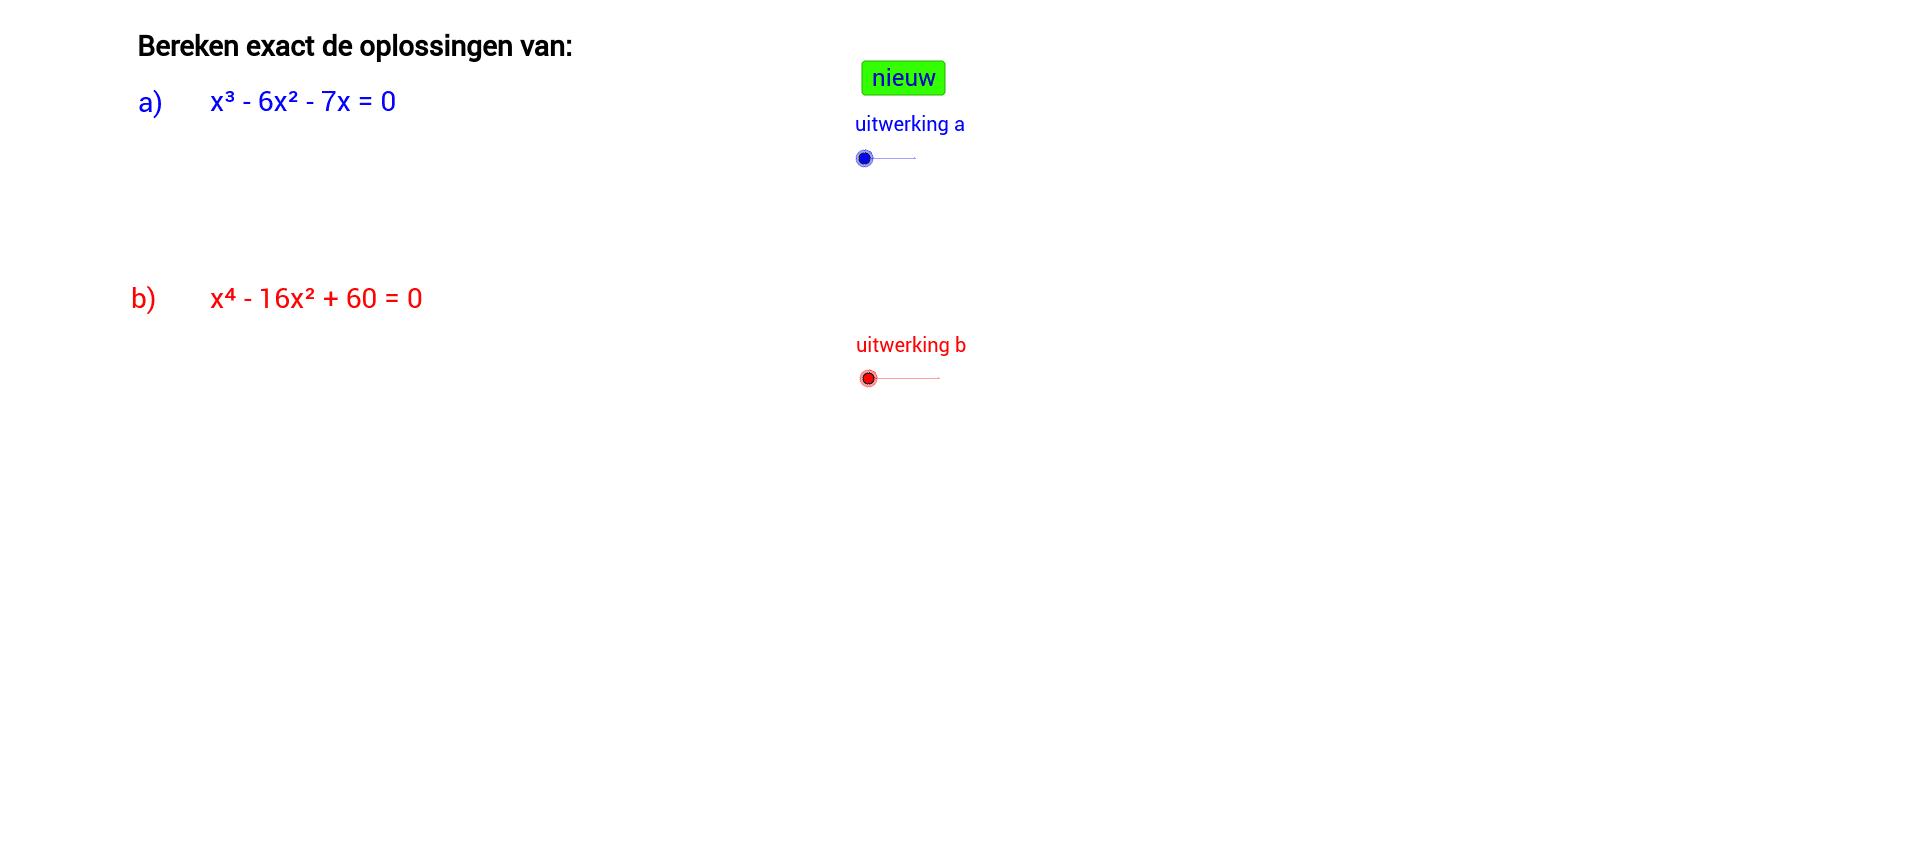 Oplossen van derdegraads- en vierdraads vergelijkingen